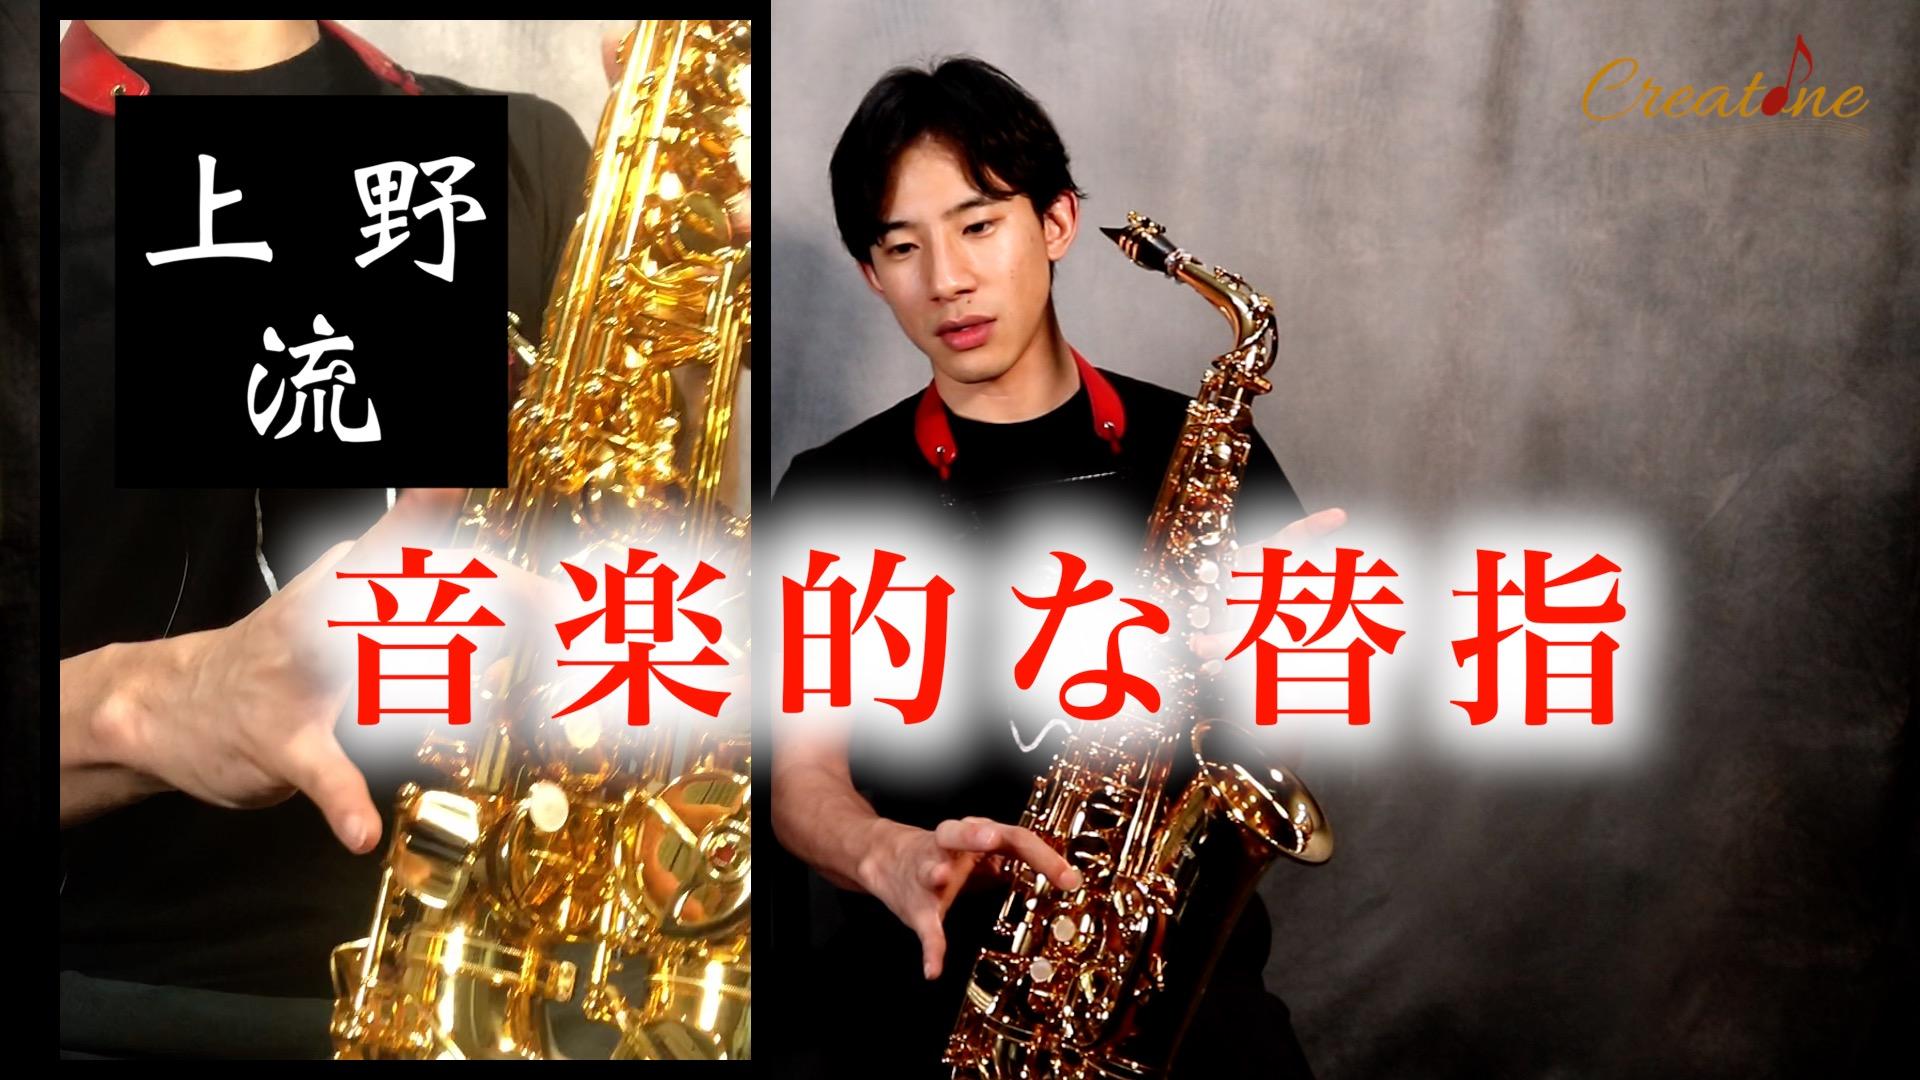 上野耕平18 音楽的な替指 サムネ